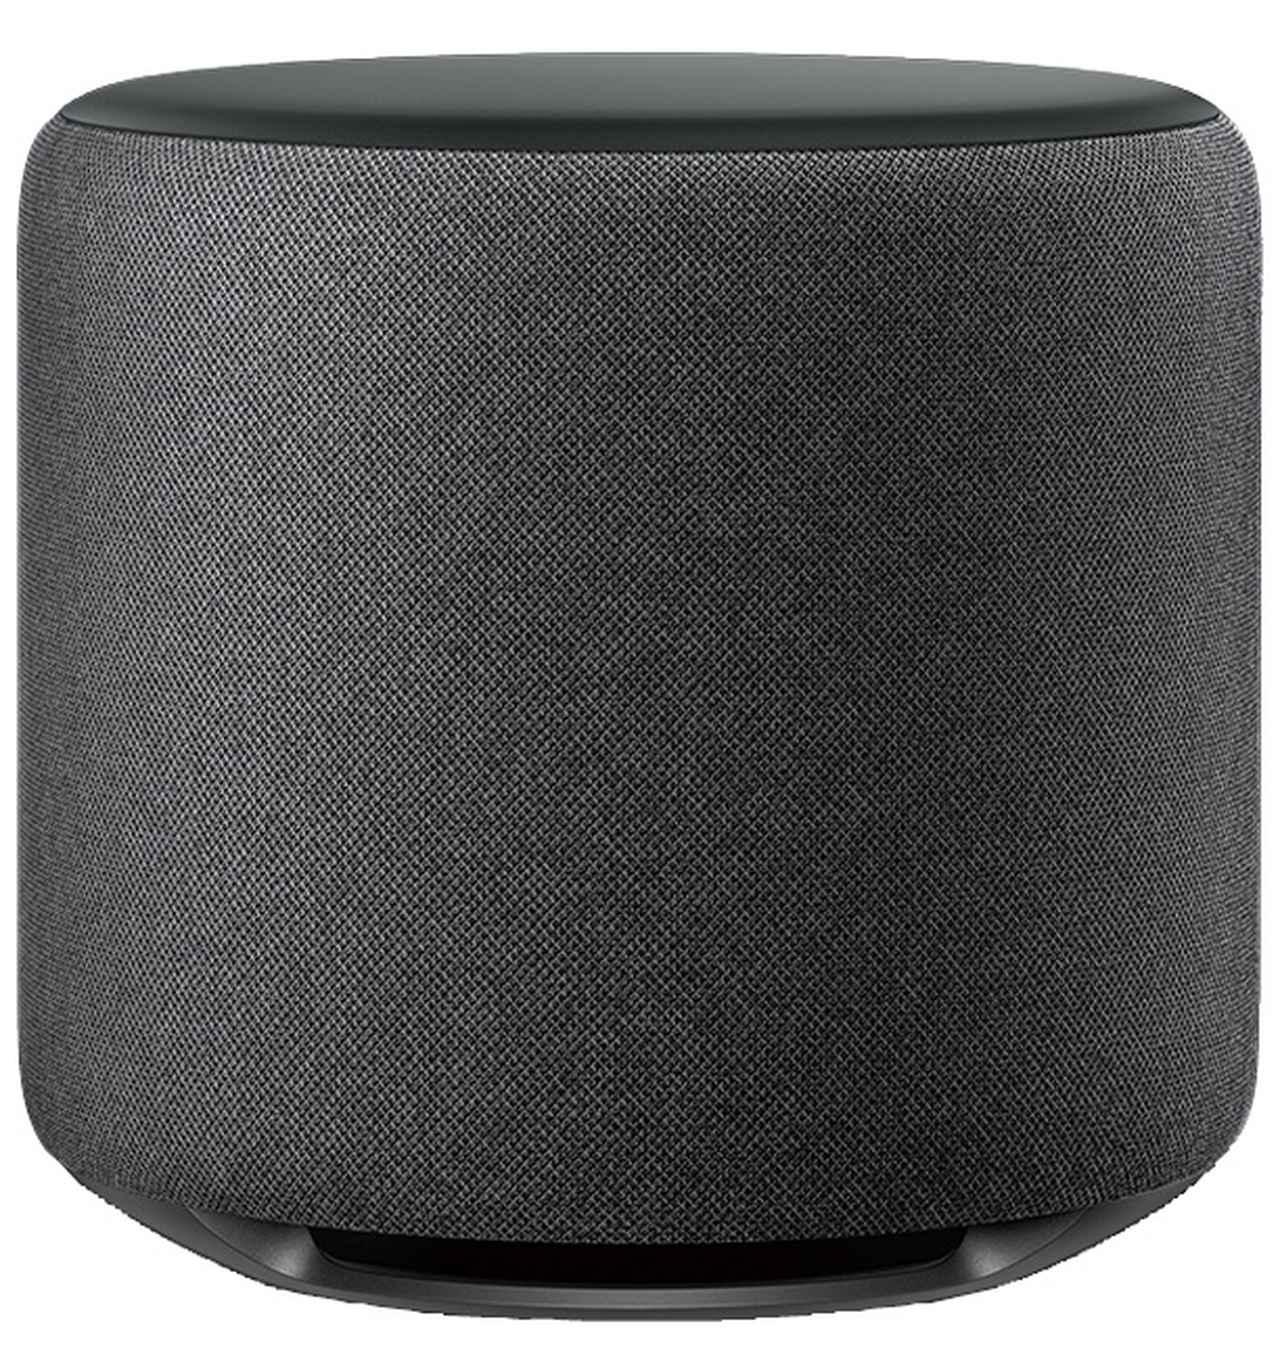 画像: Echo Plusはデザインを一新。Echo Dotはコンパクトさはそのままに音質を向上。Echo PlusおよびEchoと連係して低音を強化するEcho Subも新登場。